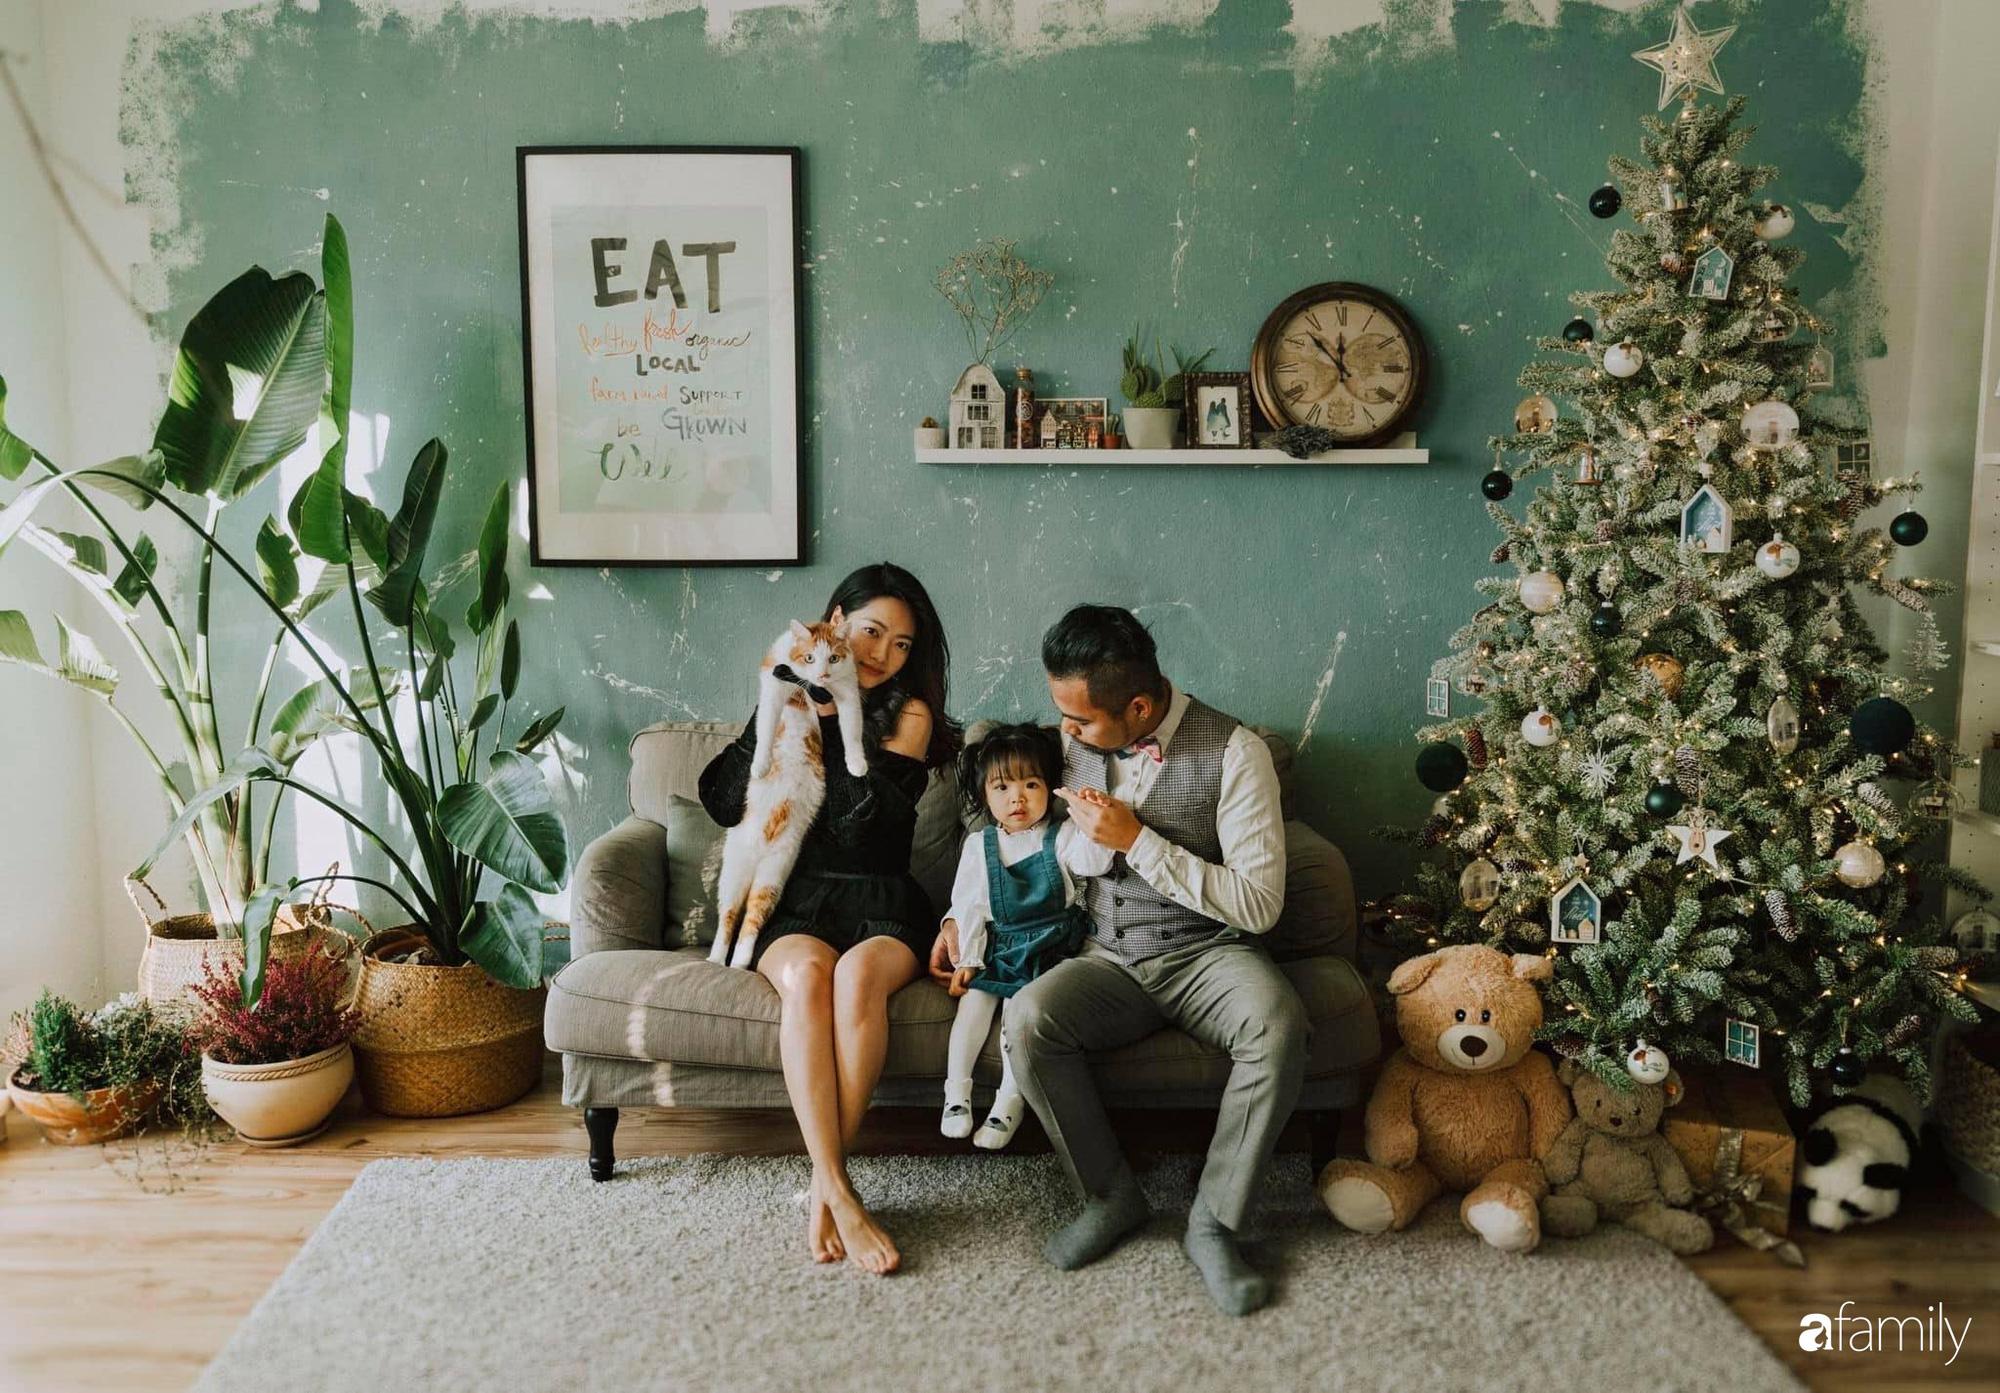 Tự tay cải tạo từng góc nhỏ, căn hộ của vợ chồng trẻ biến thành tổ ấm màu xanh đẹp như trong tạp chí - Ảnh 1.